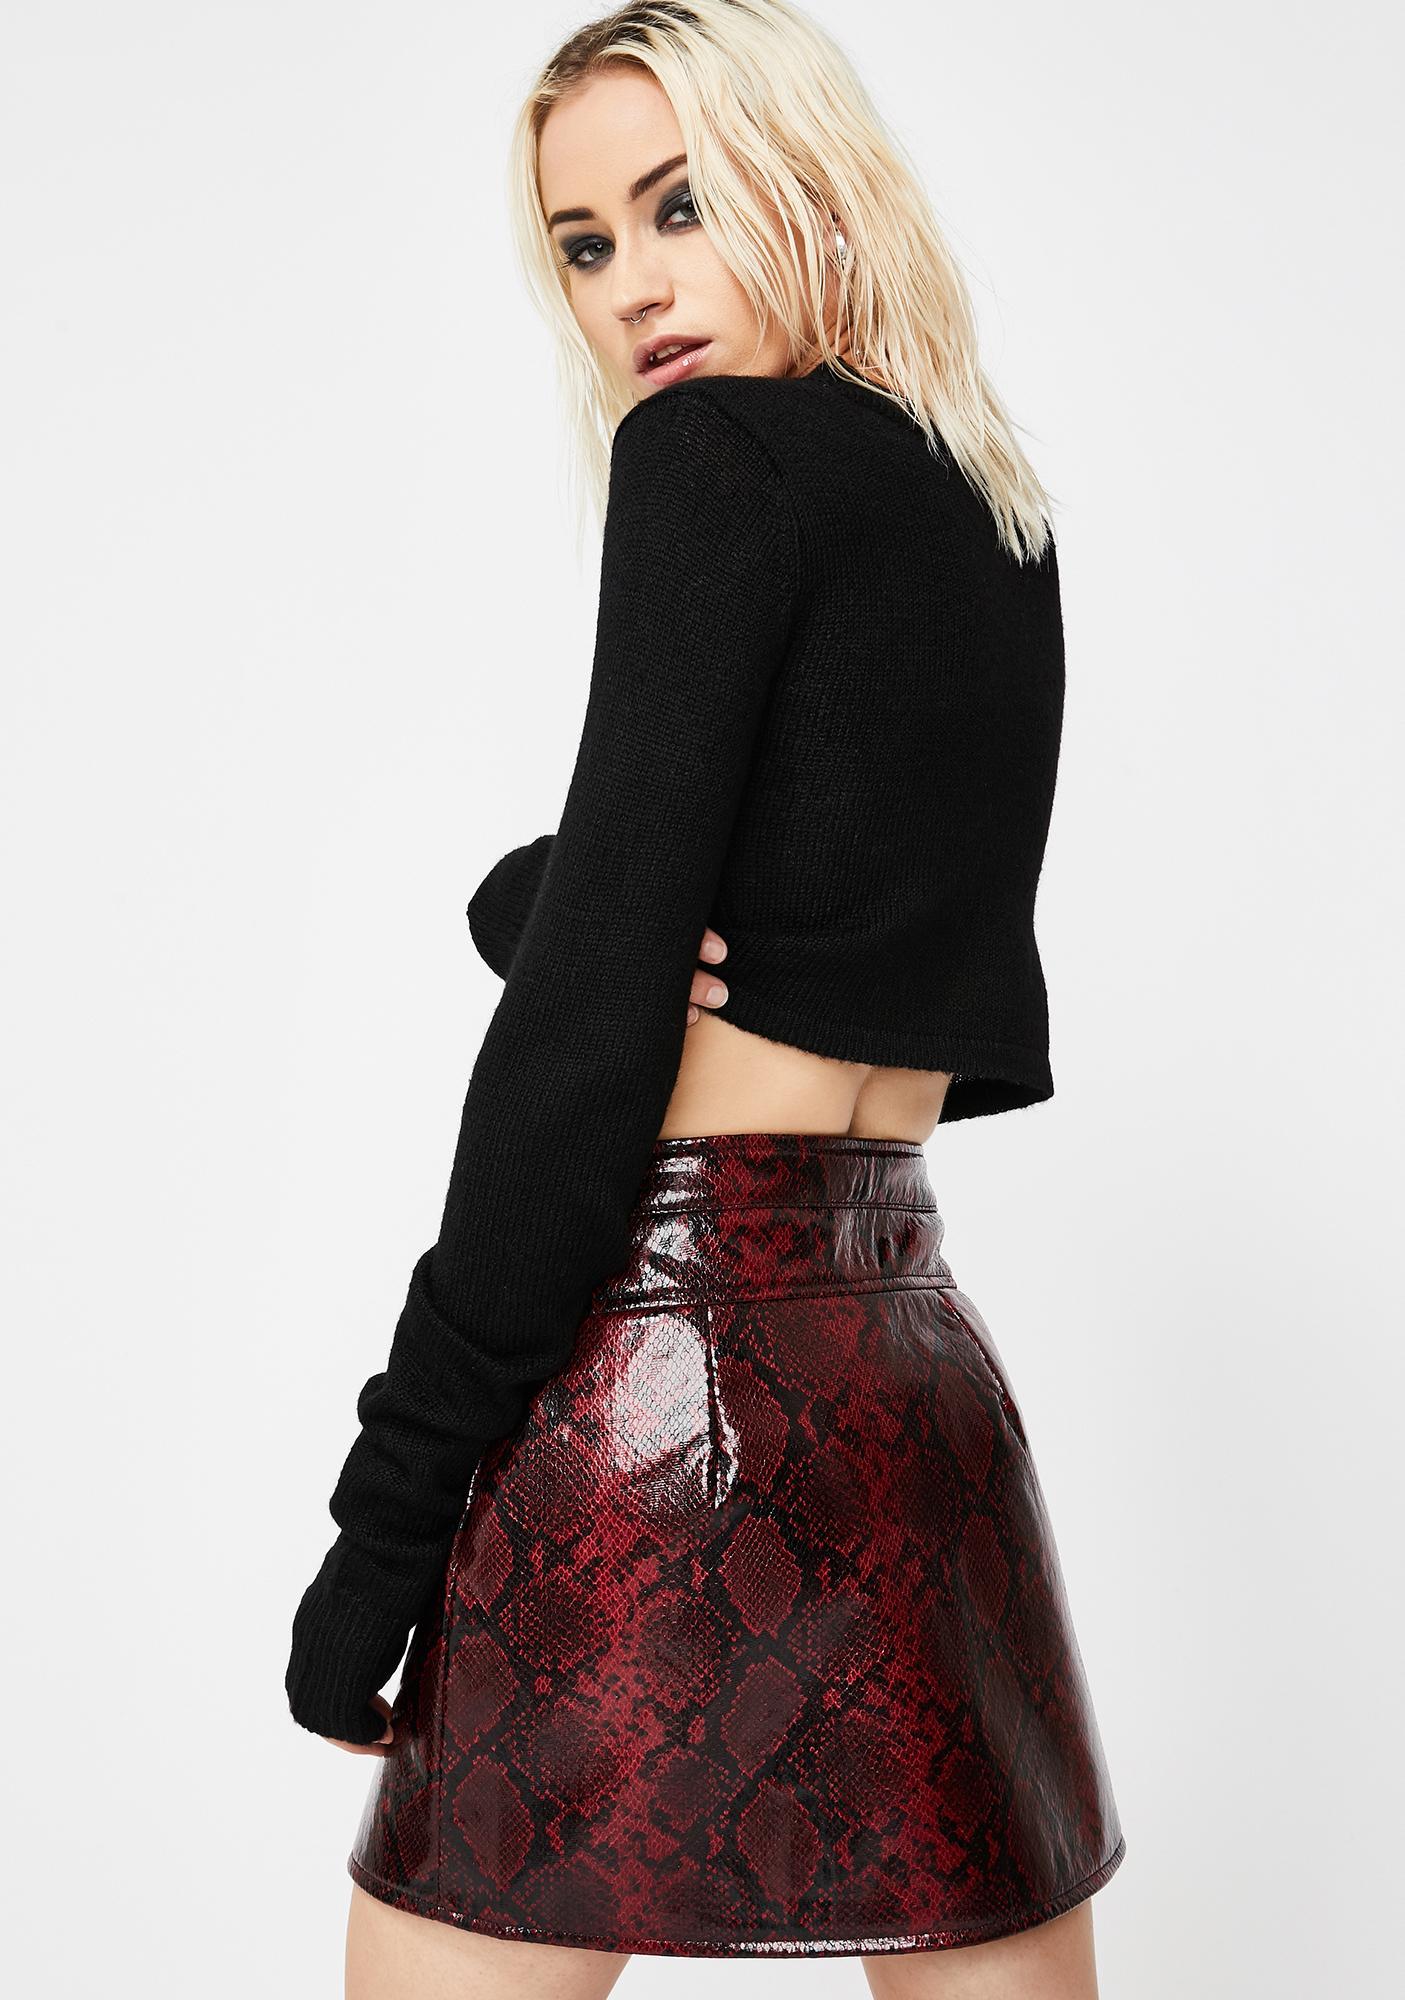 Venomous Vices Snakeskin Skirt